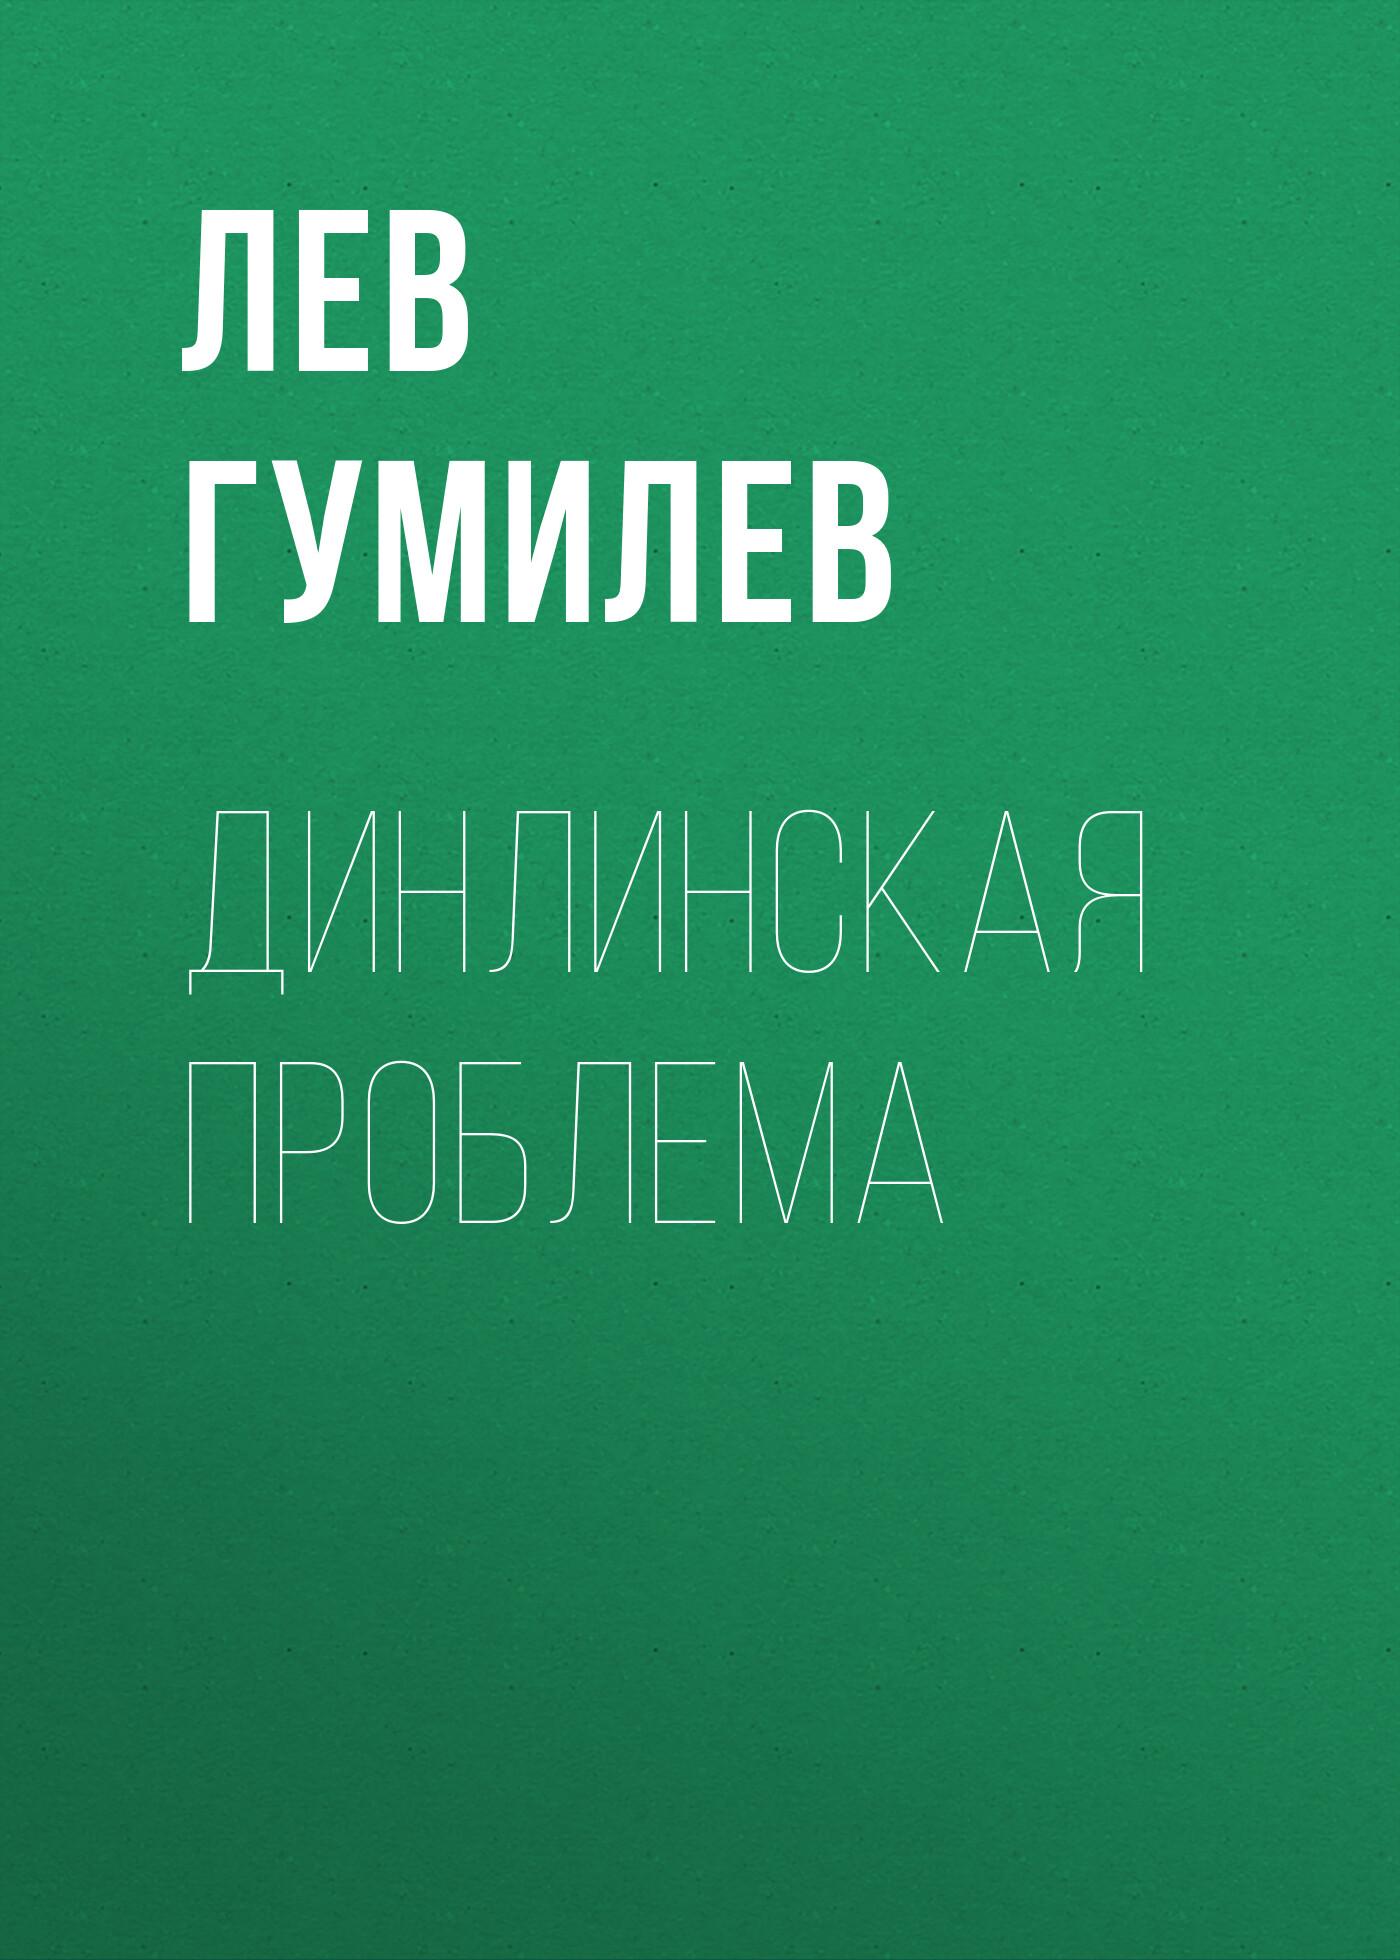 Лев Гумилев Динлинская проблема лев василевский испанская хроника григория грандэ